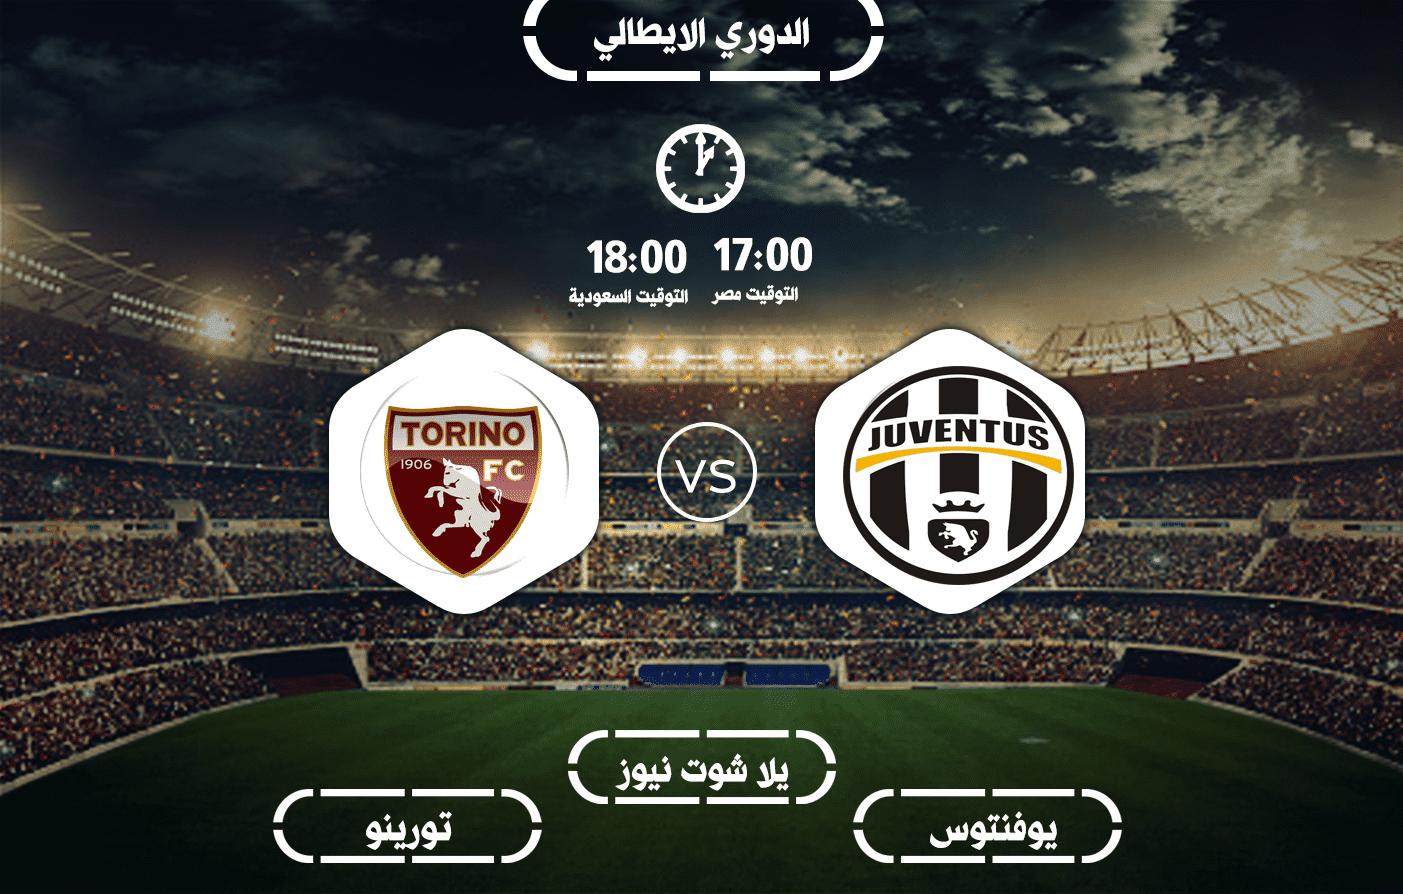 مشاهدة مباراة يوفنتوس وتورينو اليوم بث مباشر 4-7-2020 في الدوري الايطالي